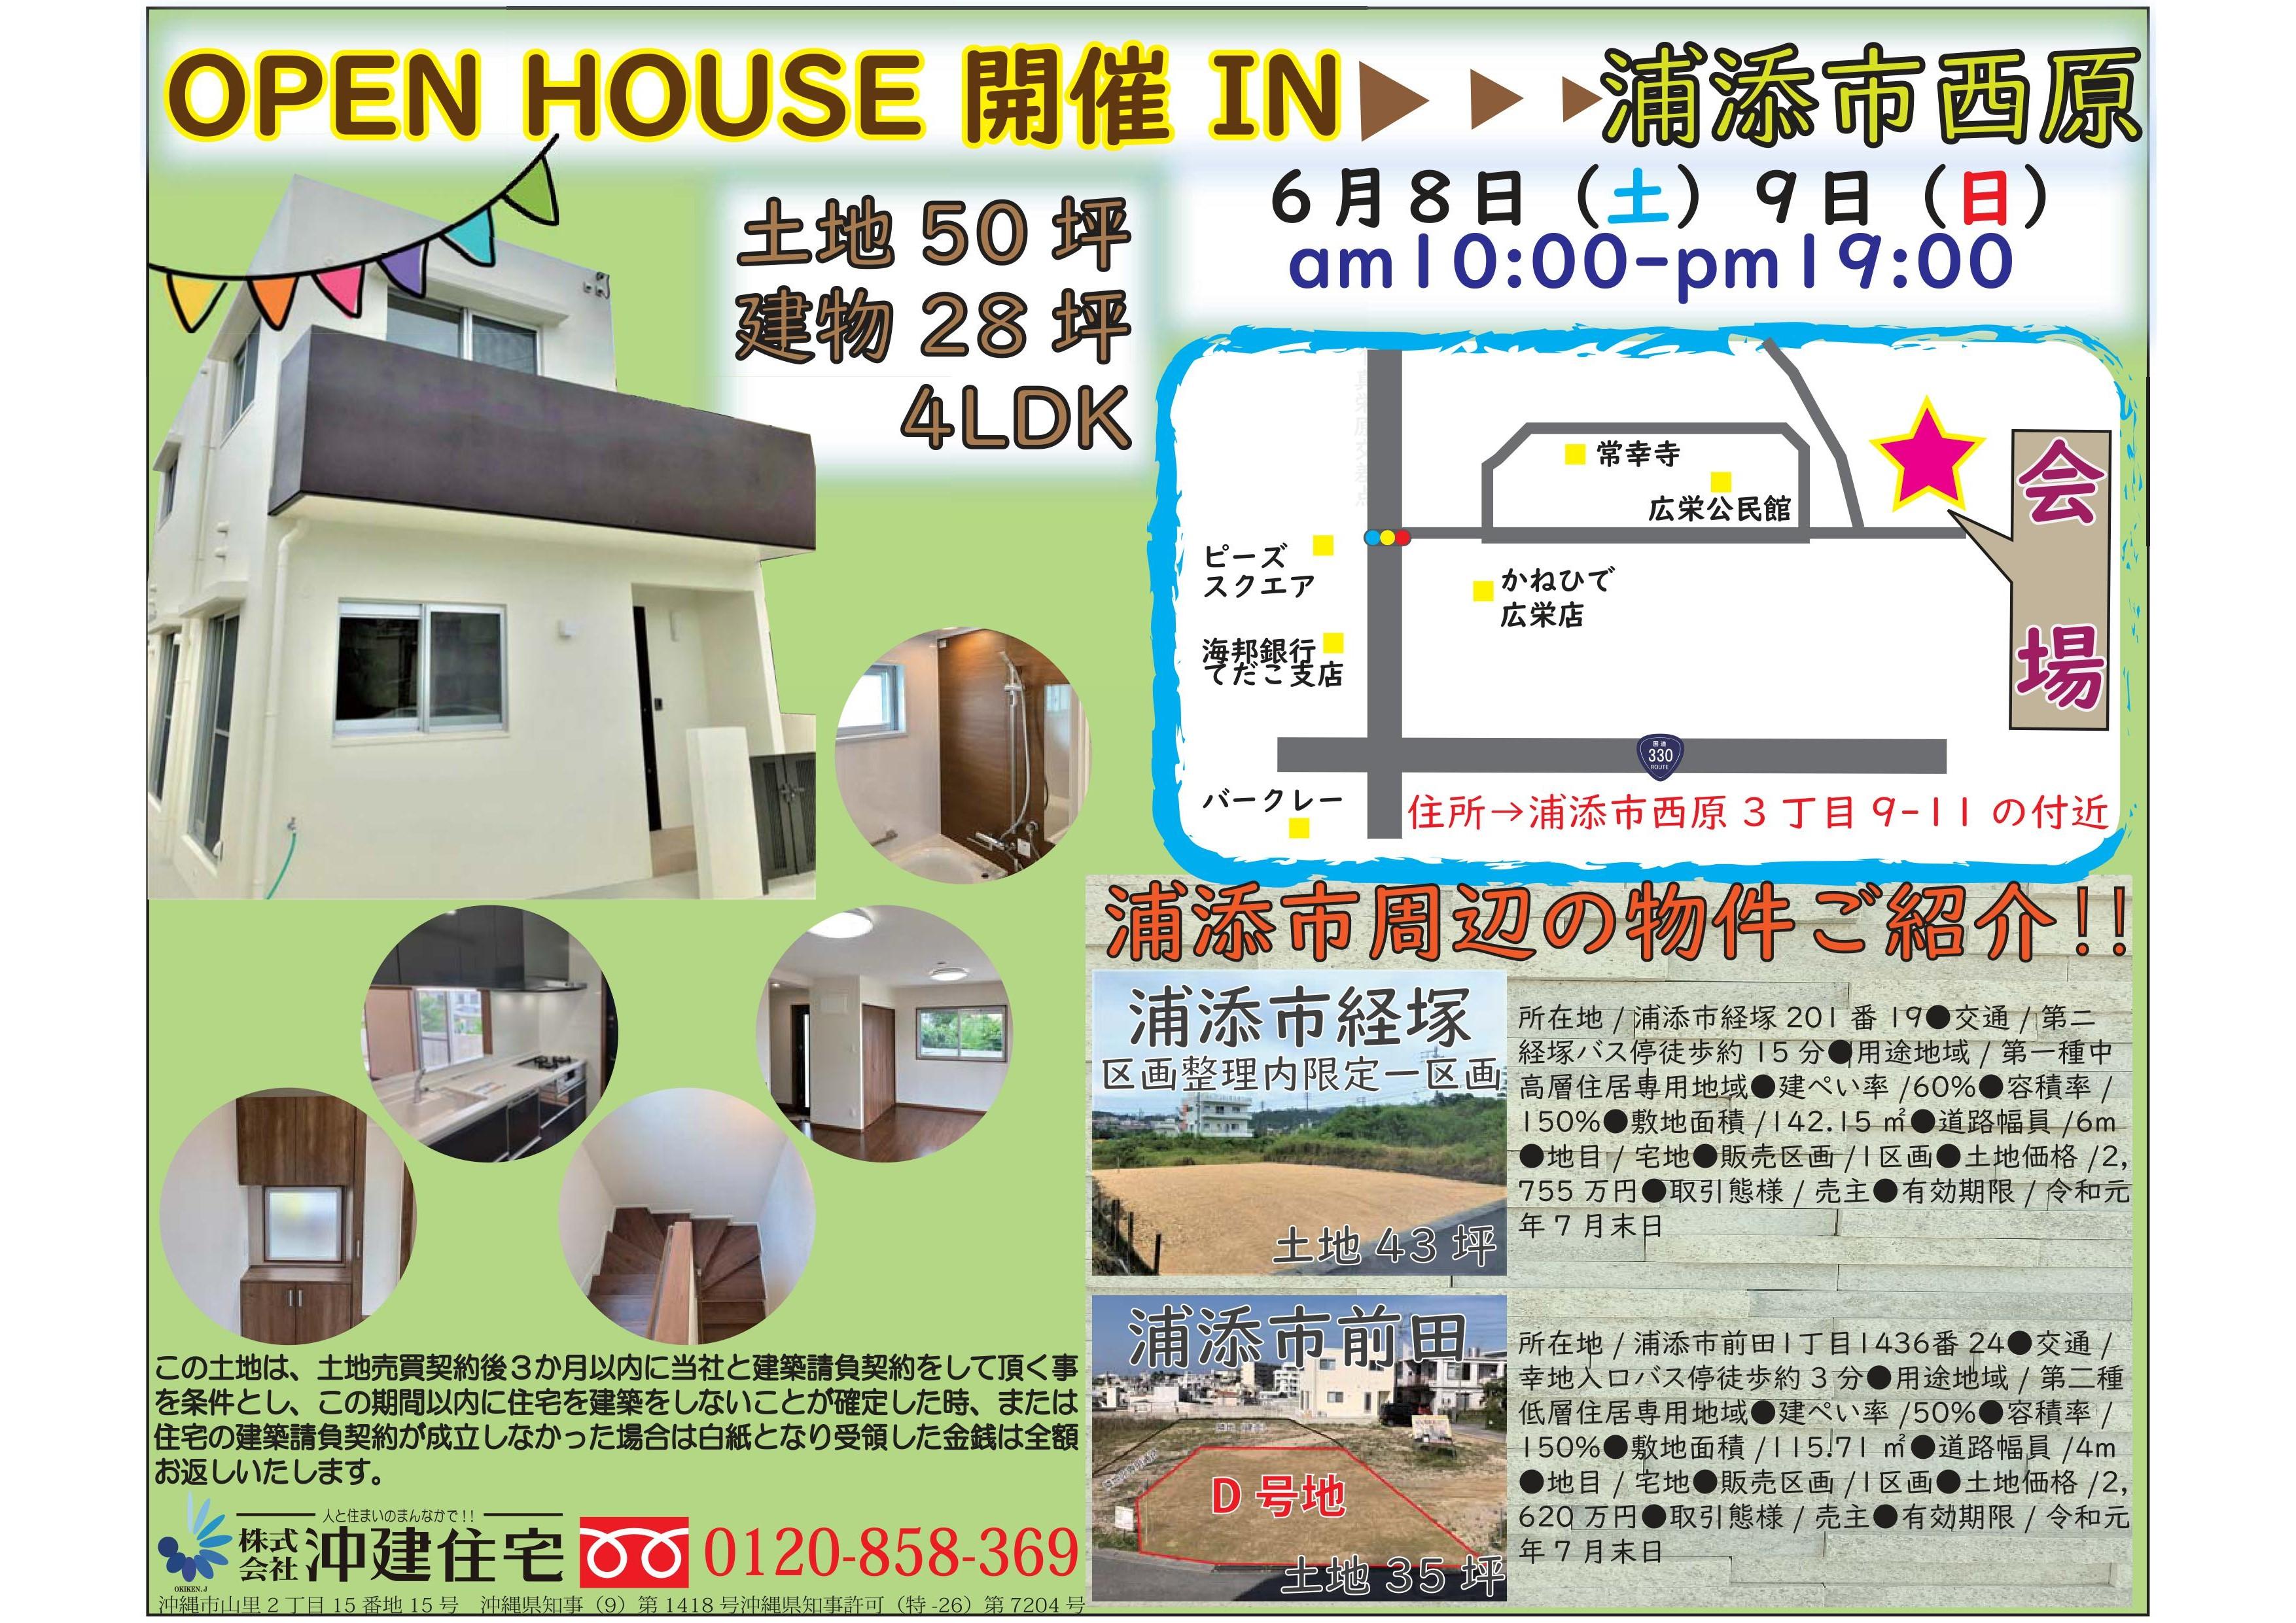 浦添市西原にて【Sスタイル28】オープンハウス&無料住宅相談会を開催!